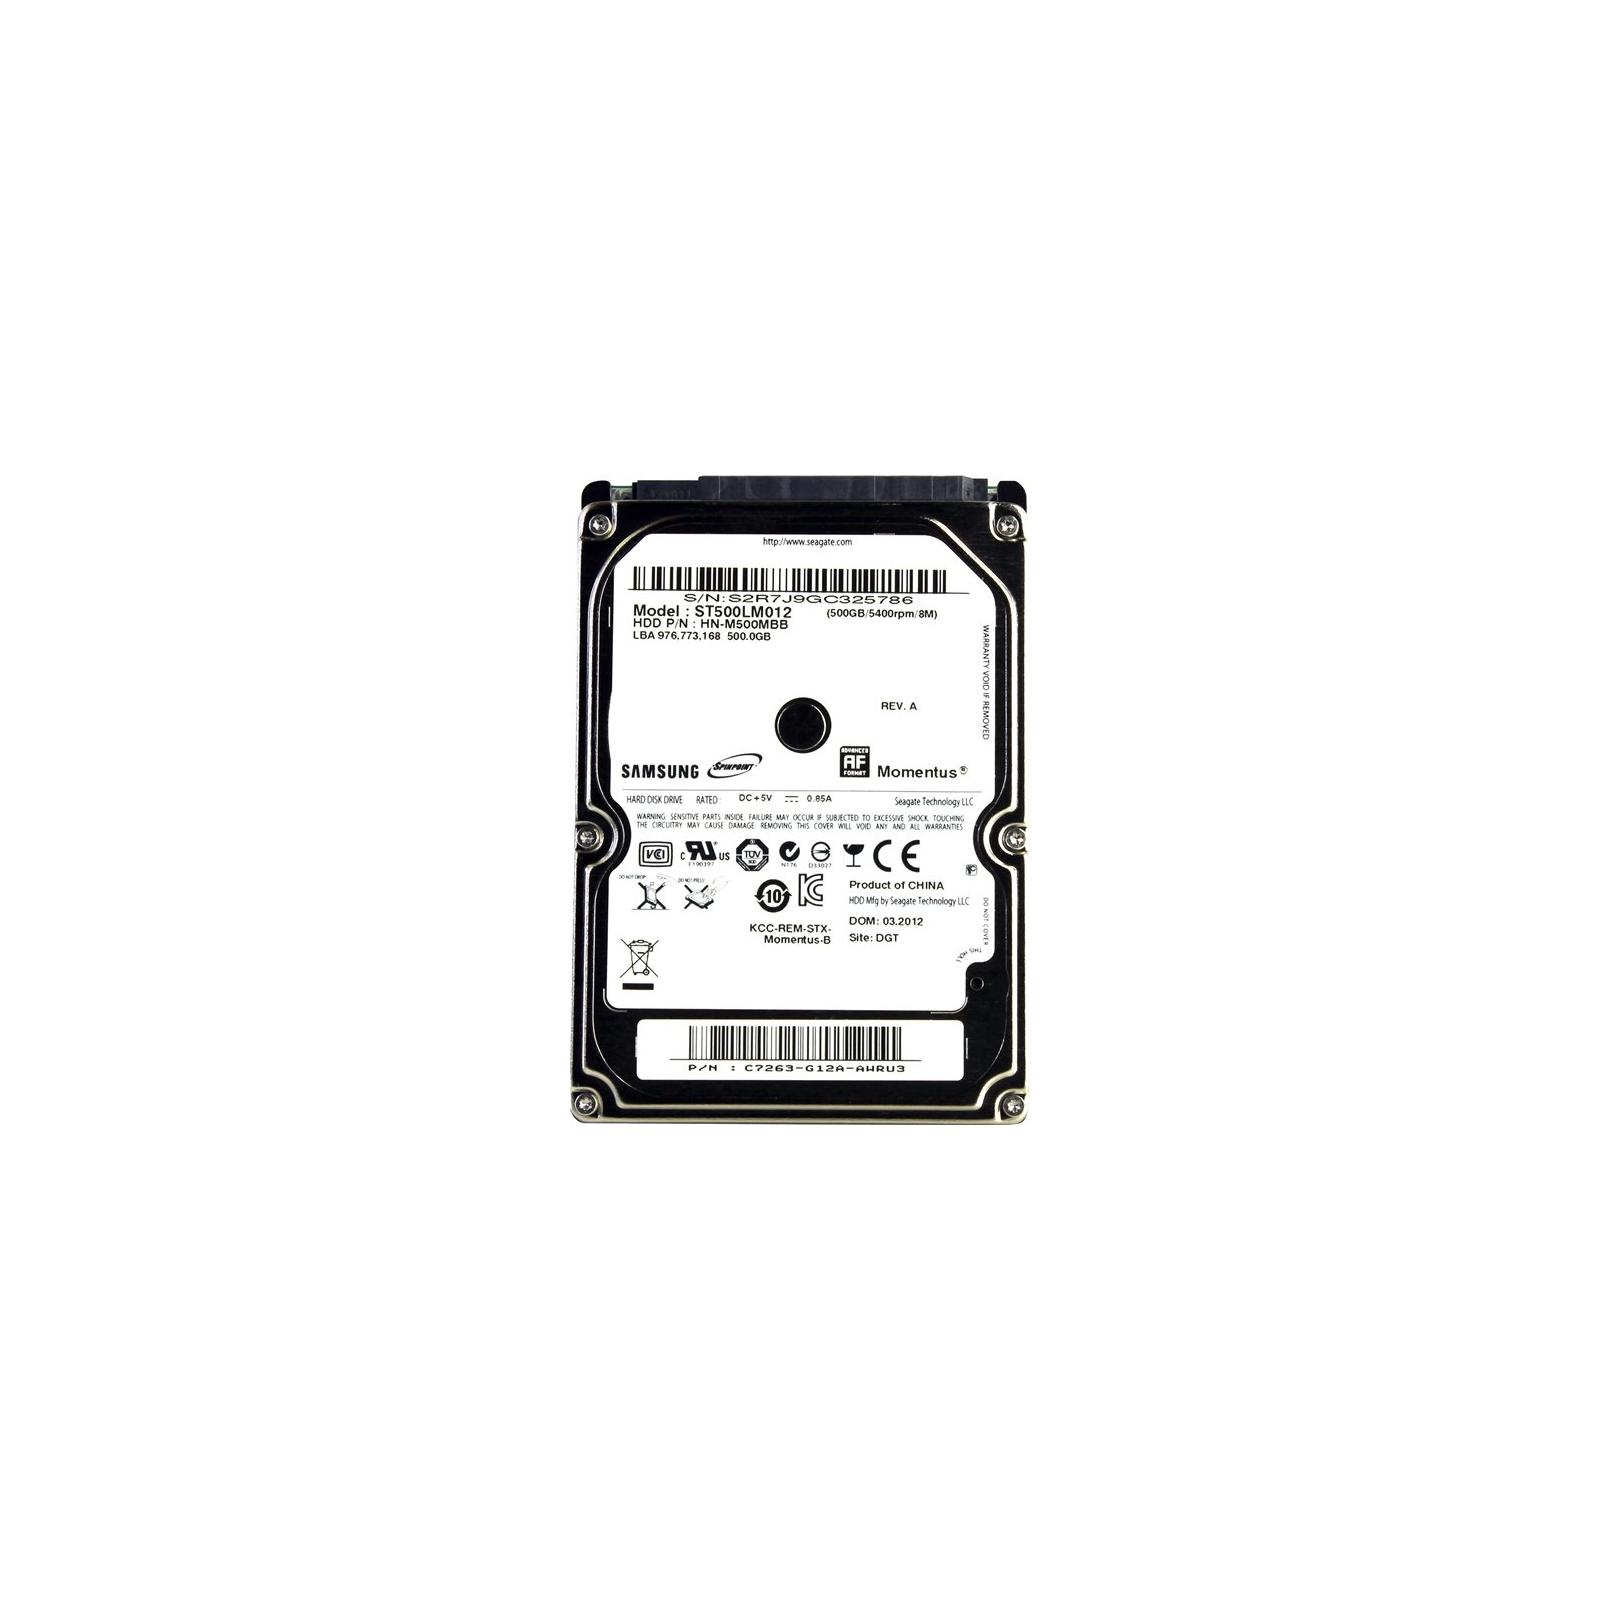 """Жесткий диск для ноутбука 2.5"""" 500GB Seagate (ST500LM012)"""